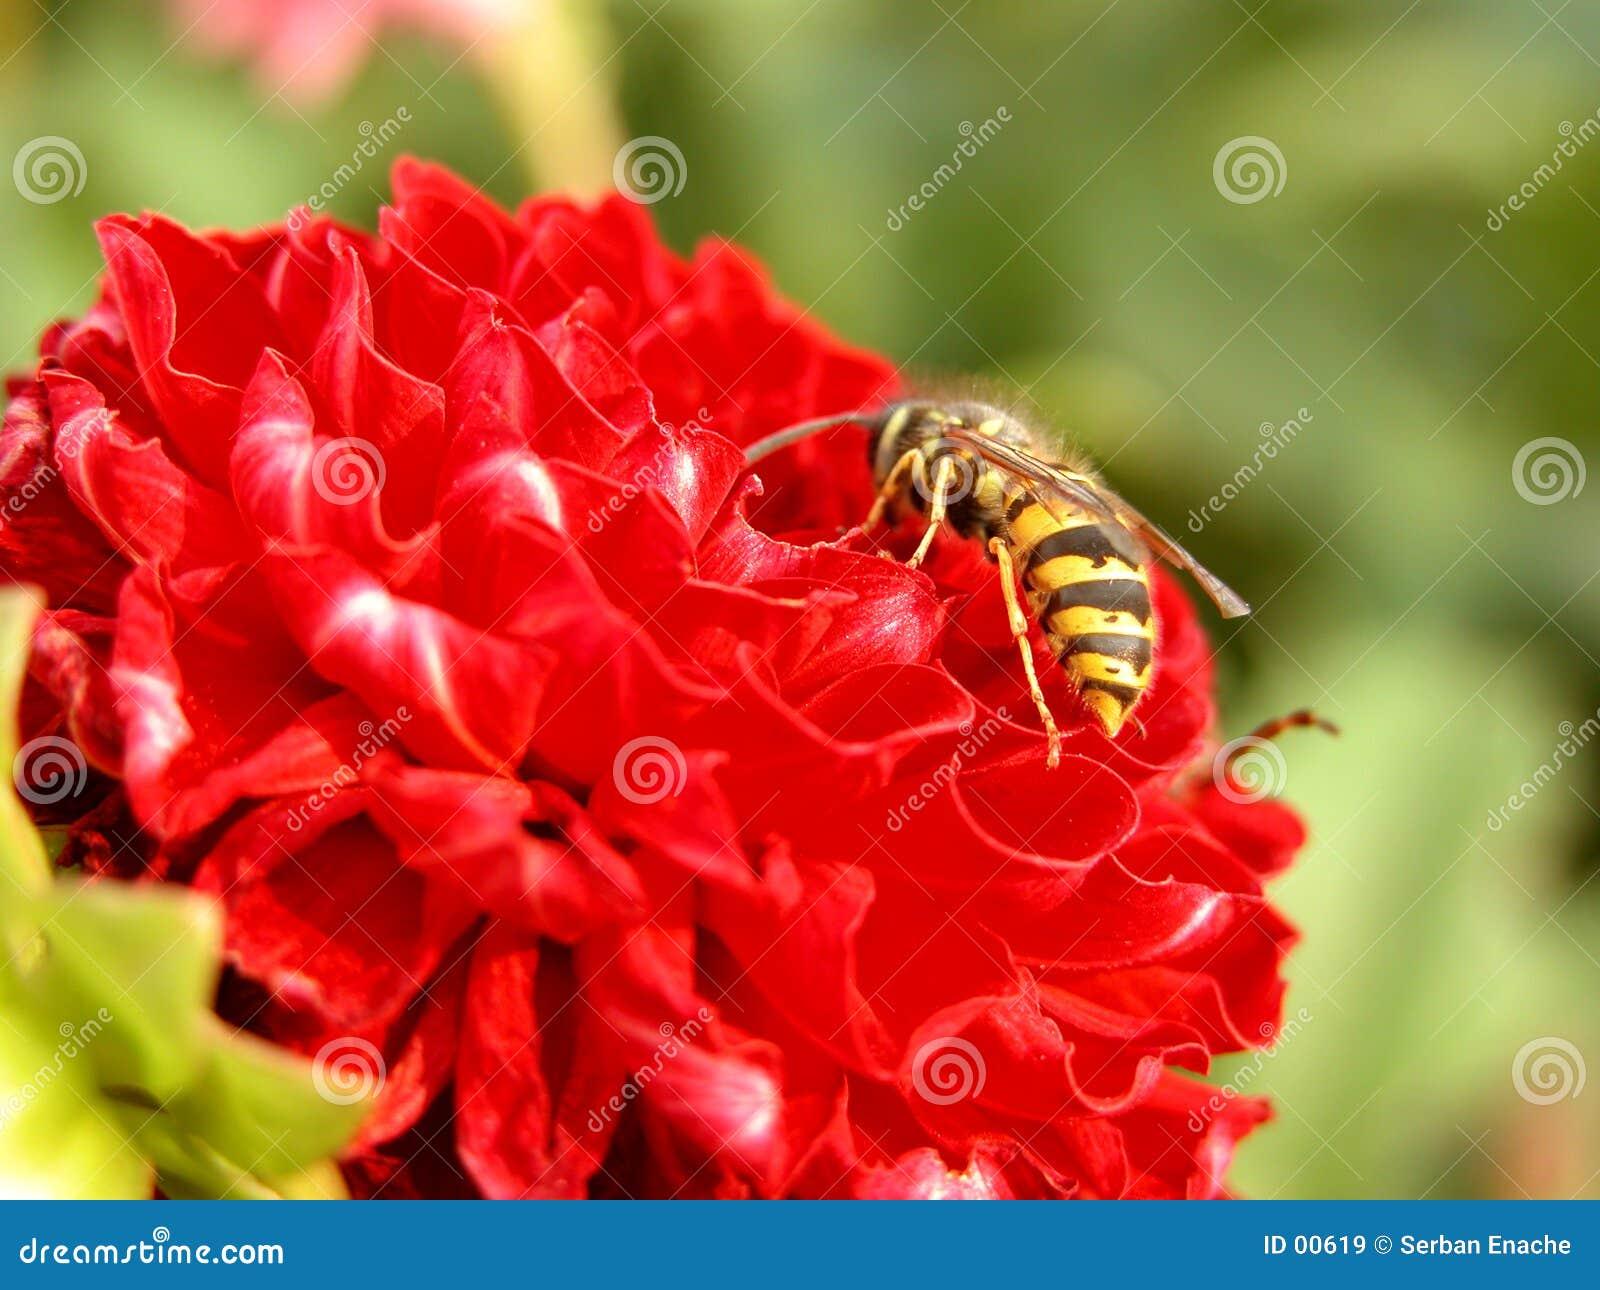 Wespe und rote Blume